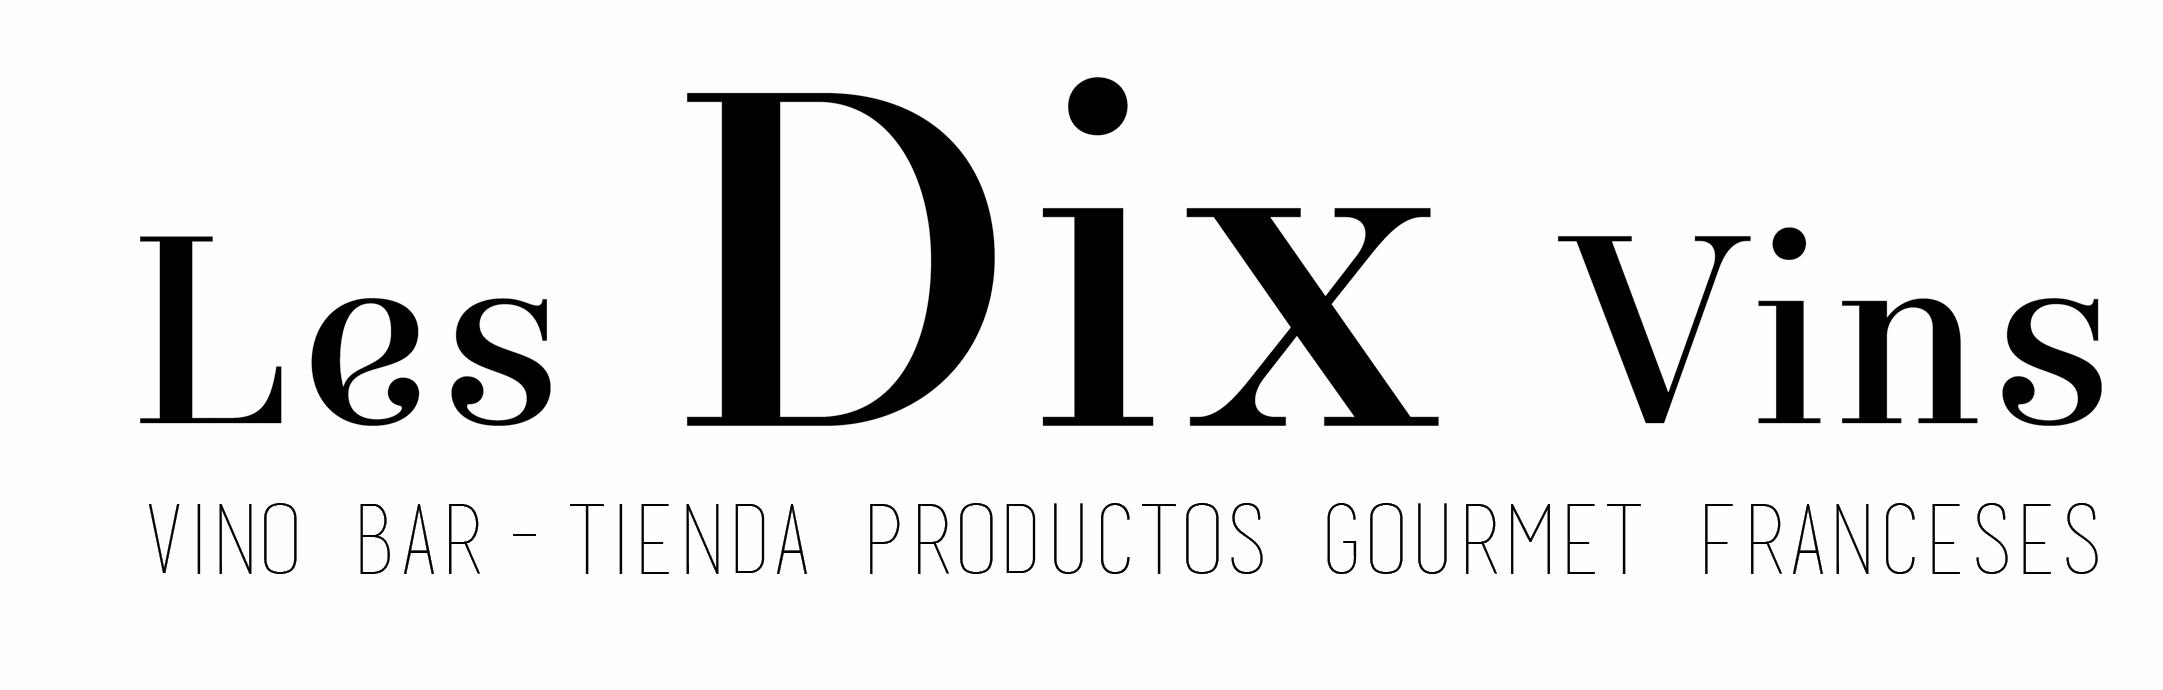 Les Dix Vins | Vino bar y tienda online de Vinos y Quesos Franceses y Chilenos